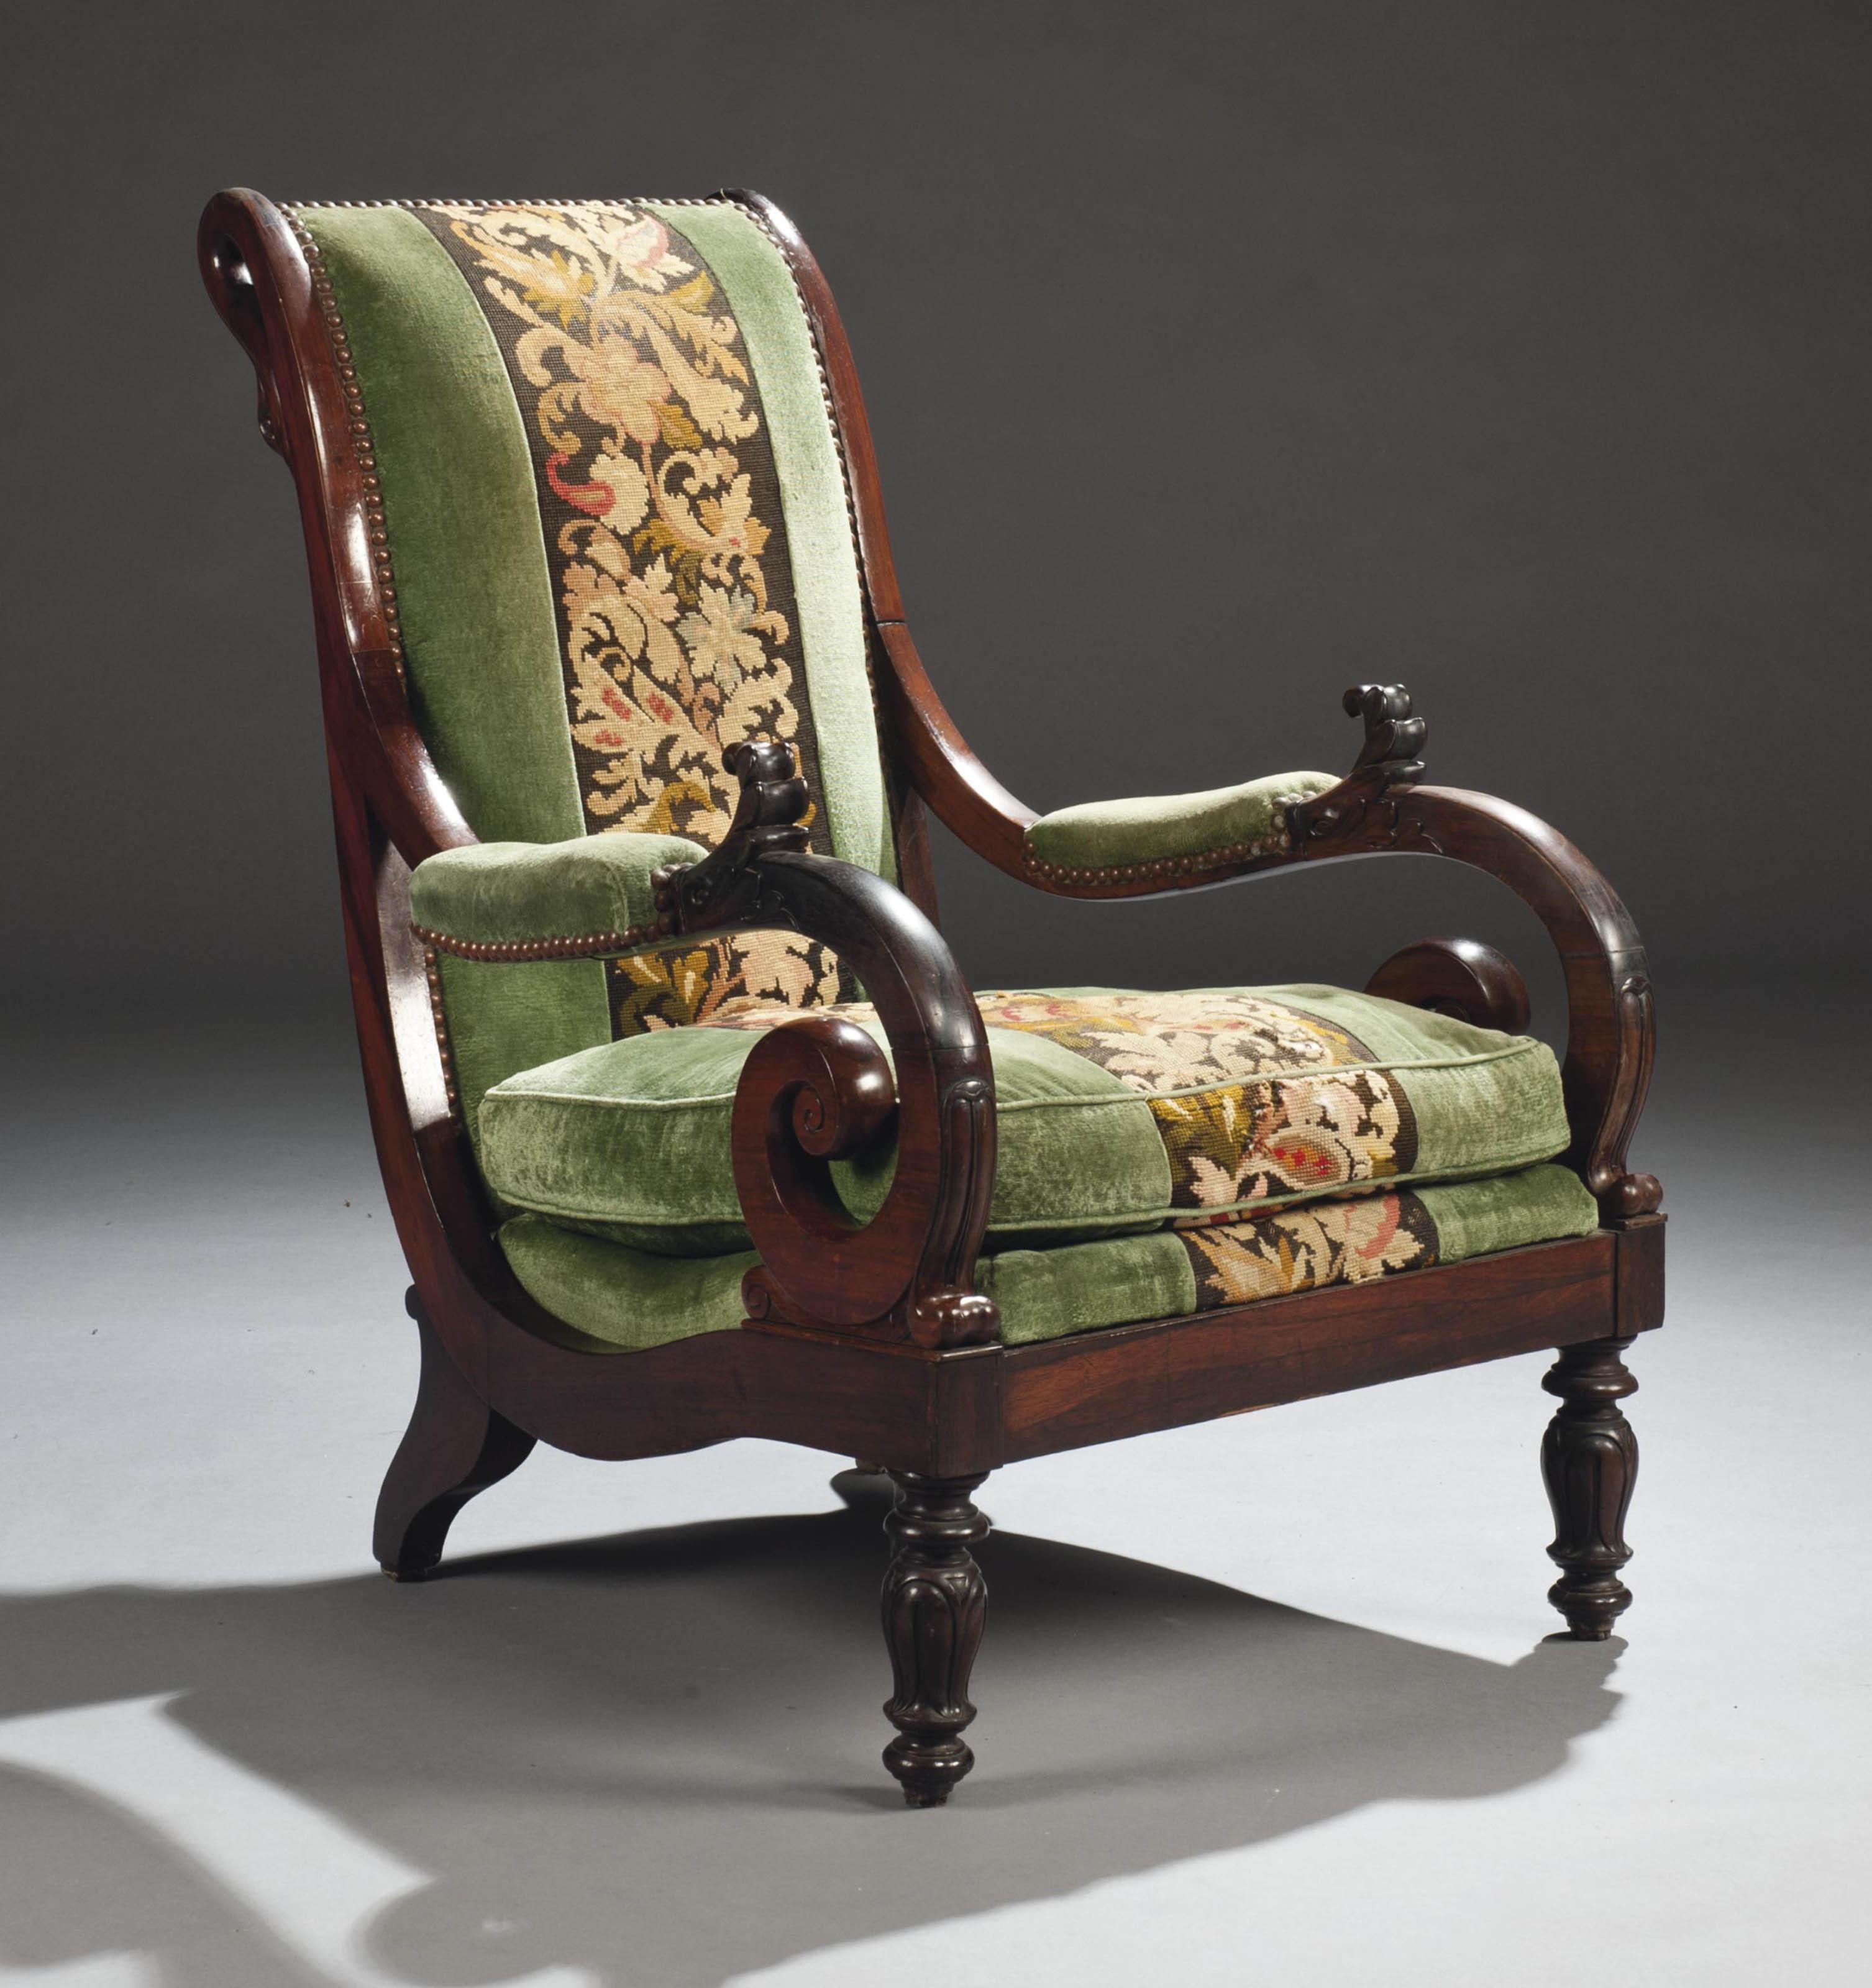 Restaurer Fauteuil Voltaire Moderne fauteuil voltaire d'epoque restauration | vers 1820